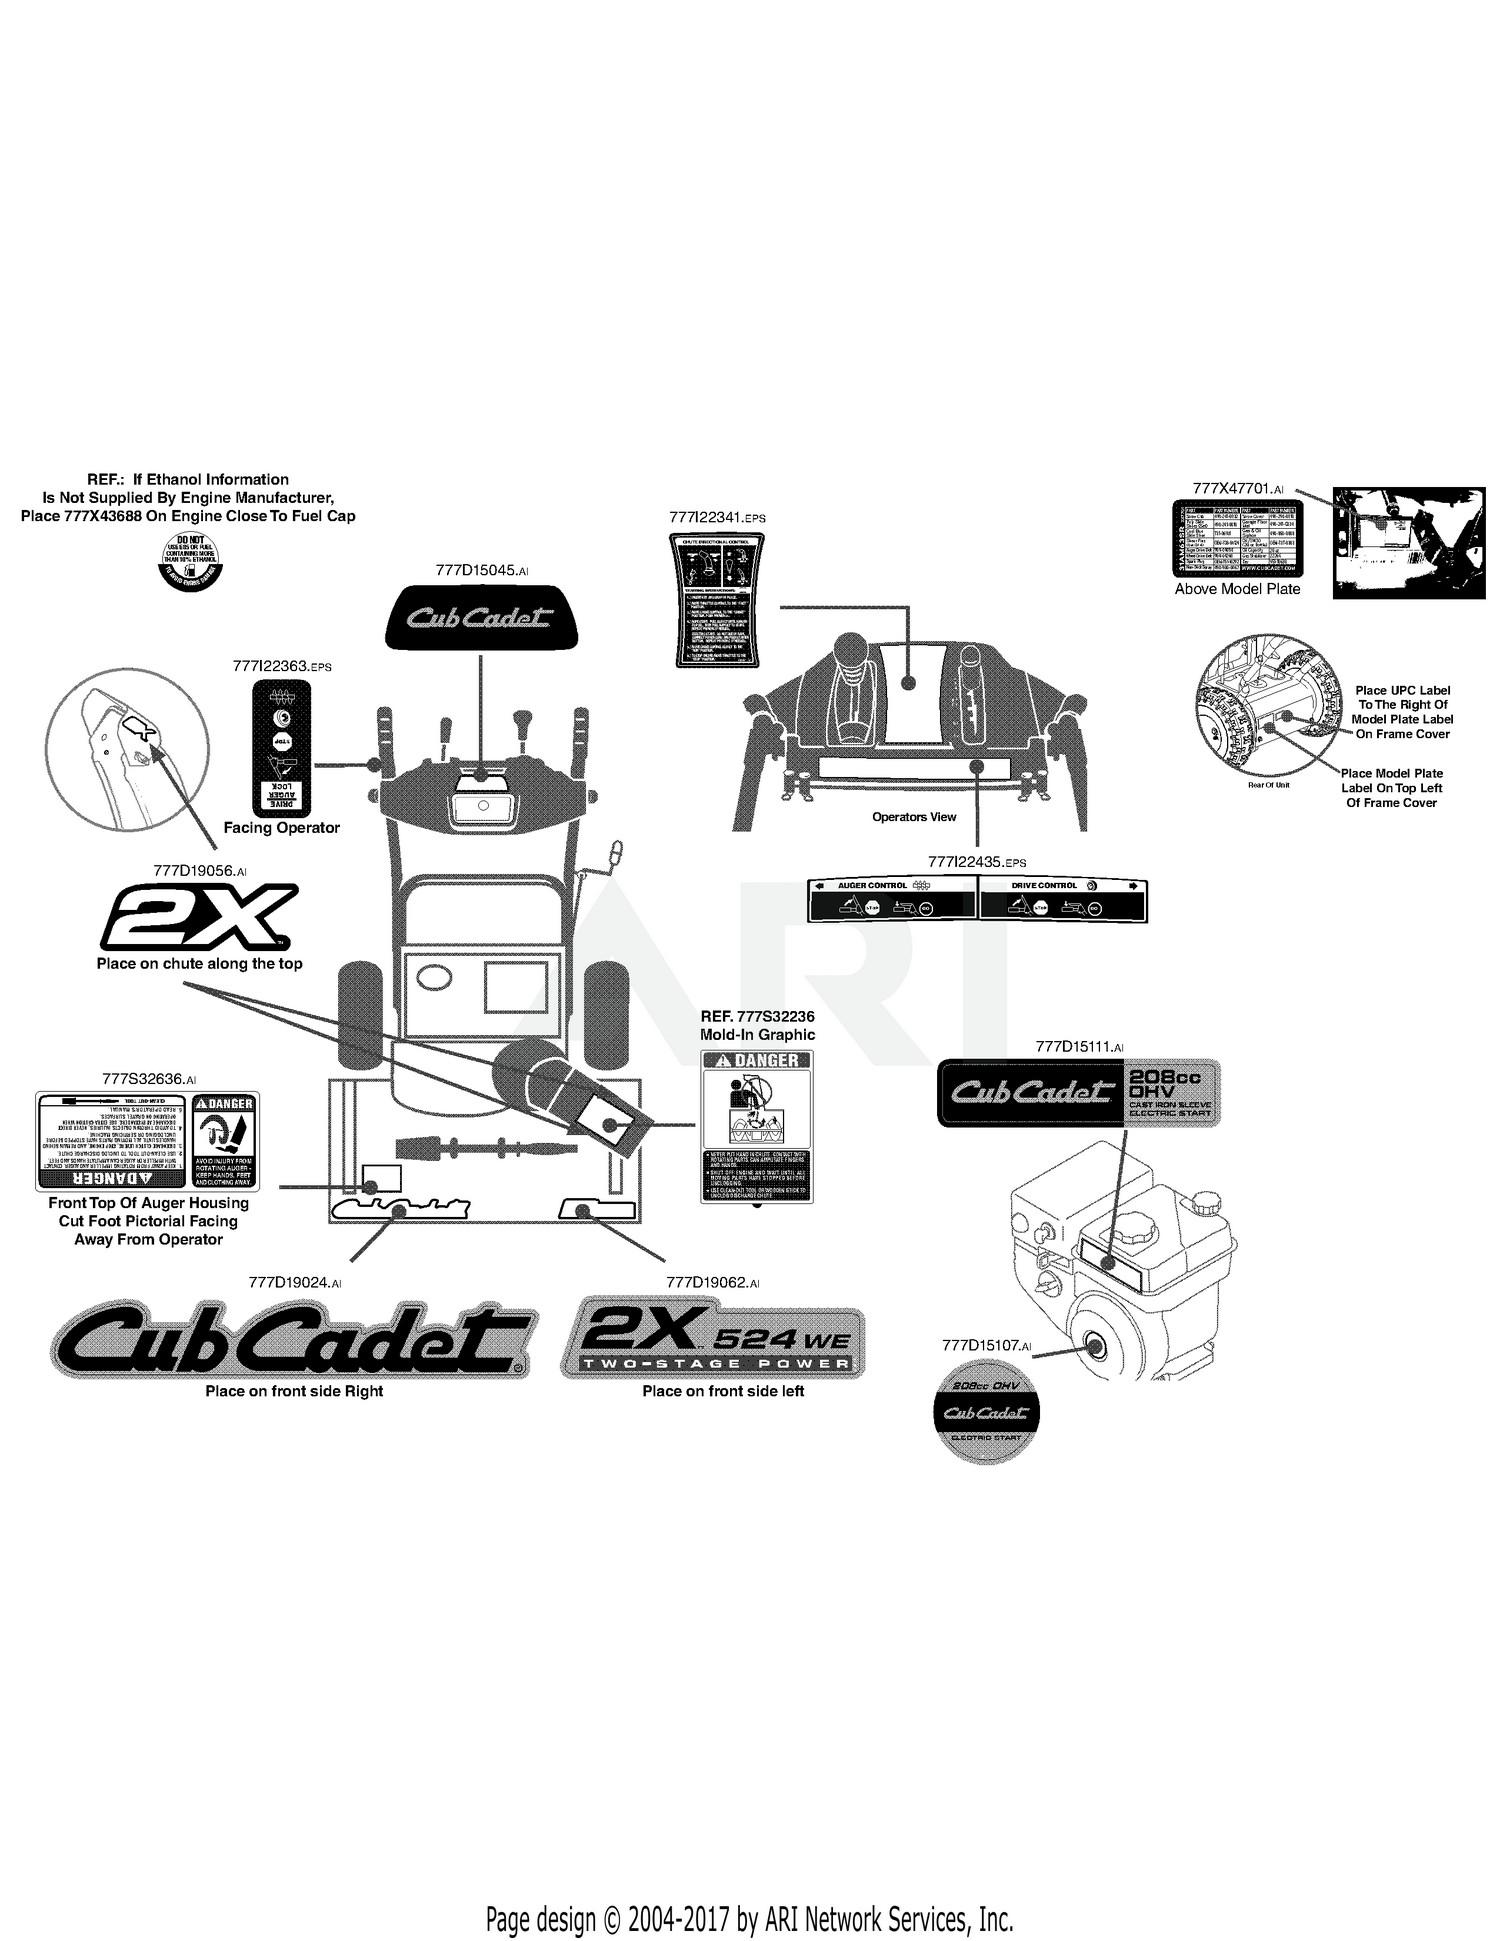 Labelled Diagram Of Car Parts Cub Cadet Parts Diagrams Cub Cadet 2x 524we Hm 2014 31am63sr710 Of Labelled Diagram Of Car Parts